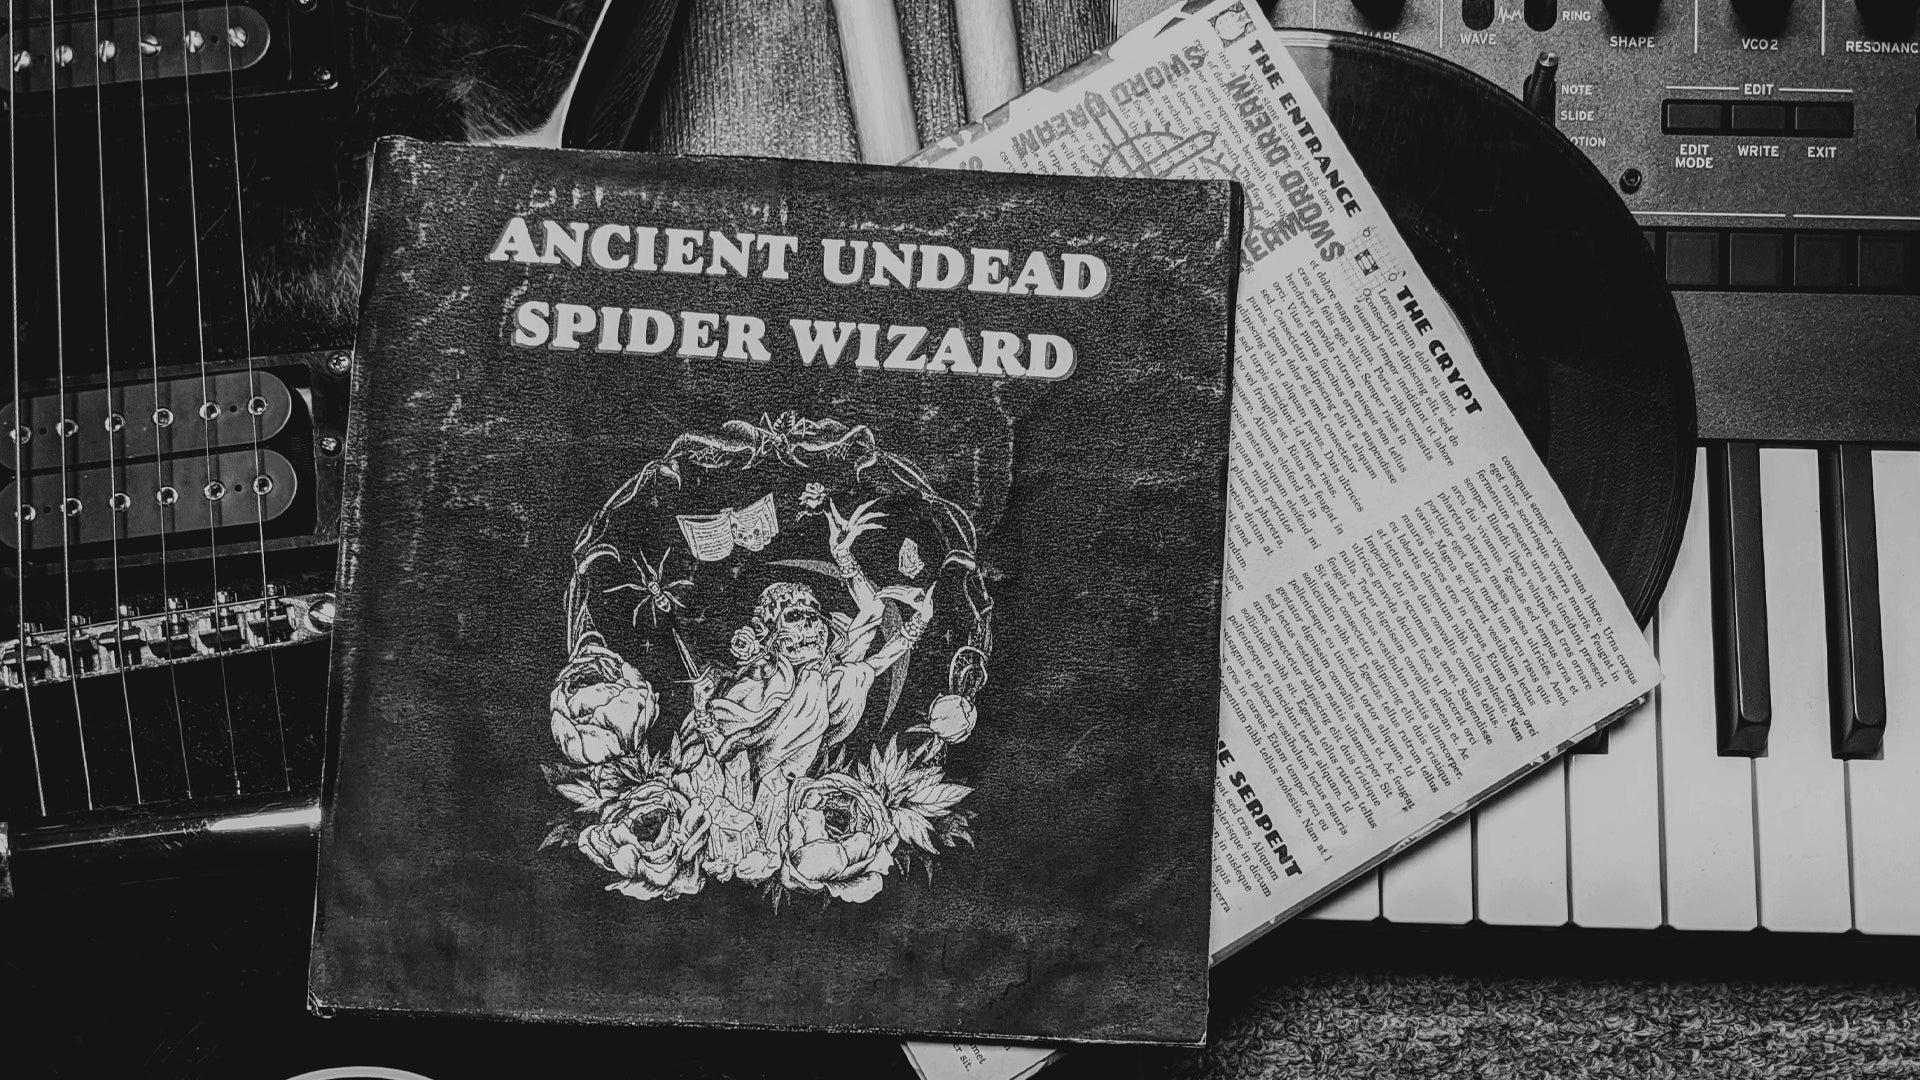 ancient-undead-spider-wizard-rpg.jpg